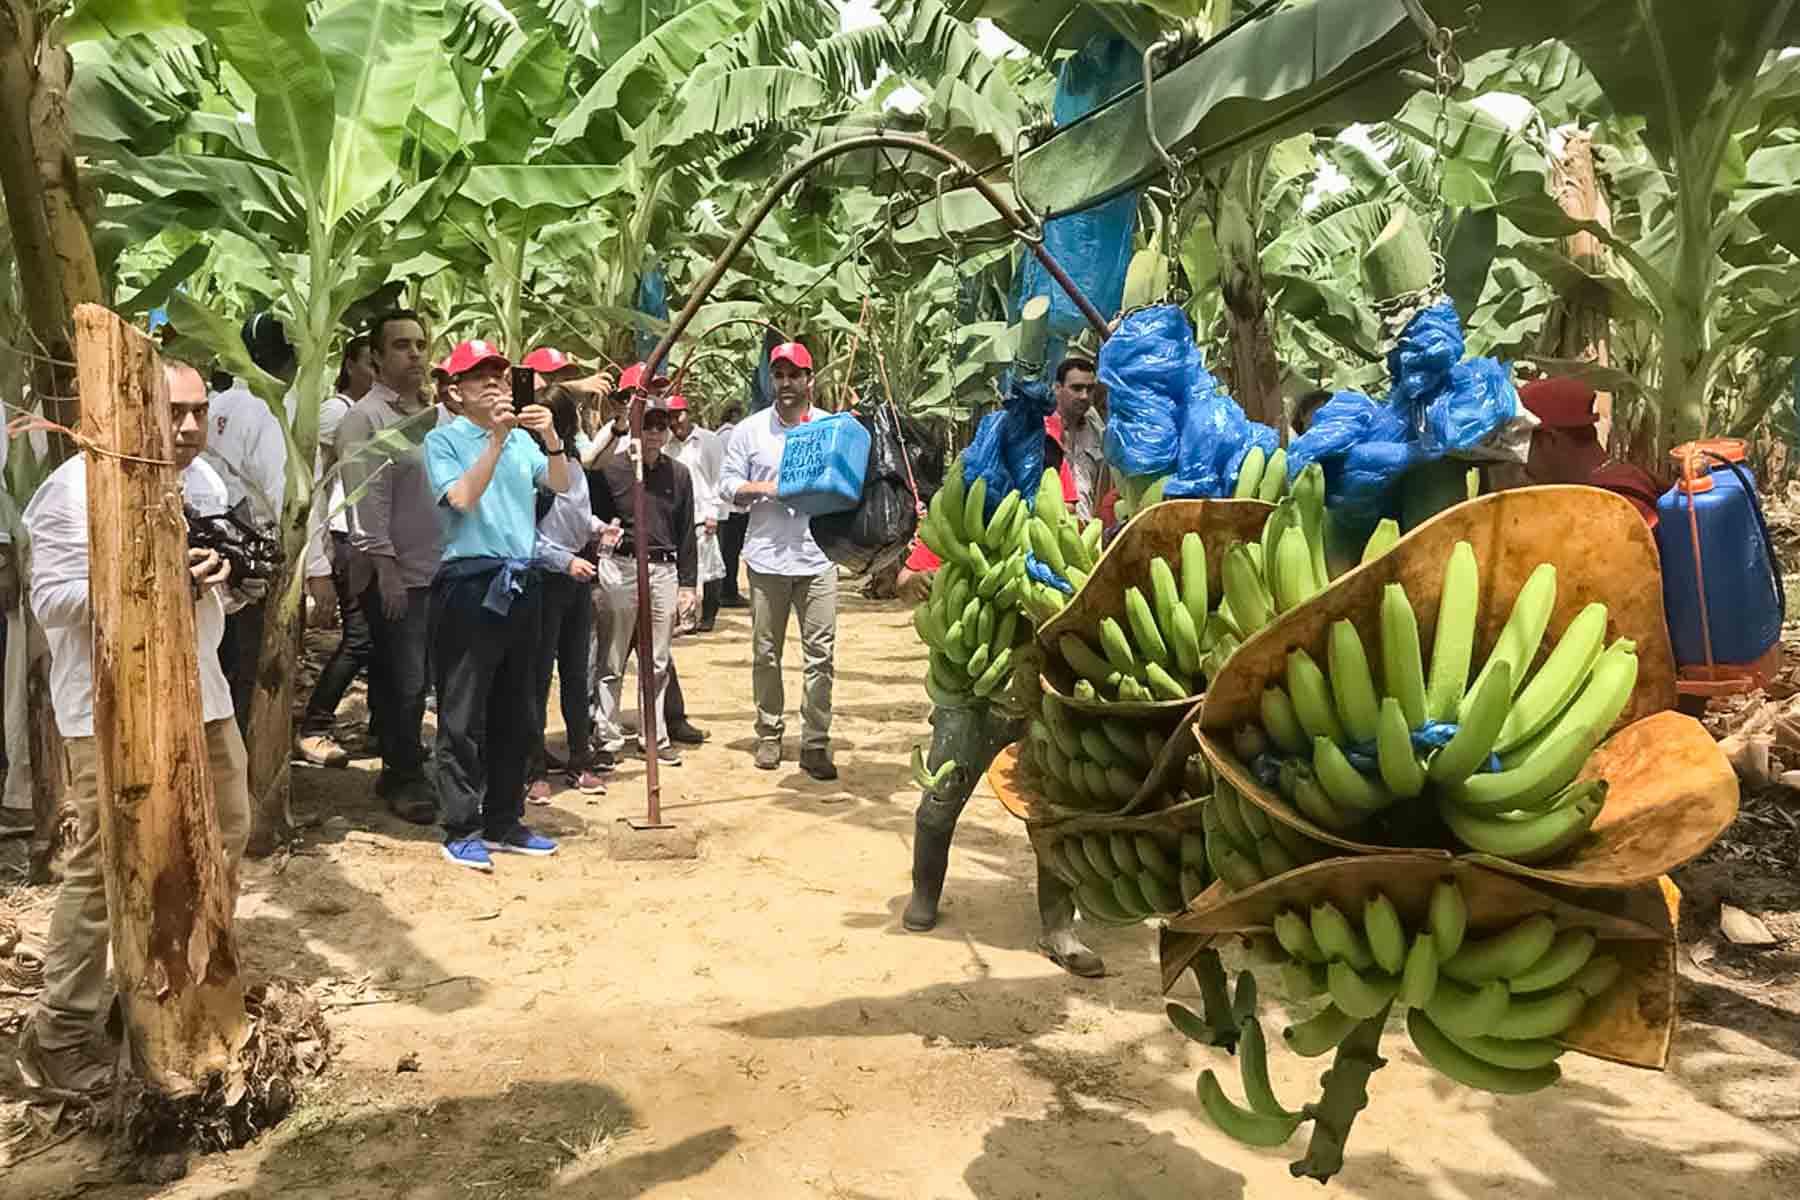 En su visita a México, los funcionarios chinos recorrieron una planta de plátano en Tabasco